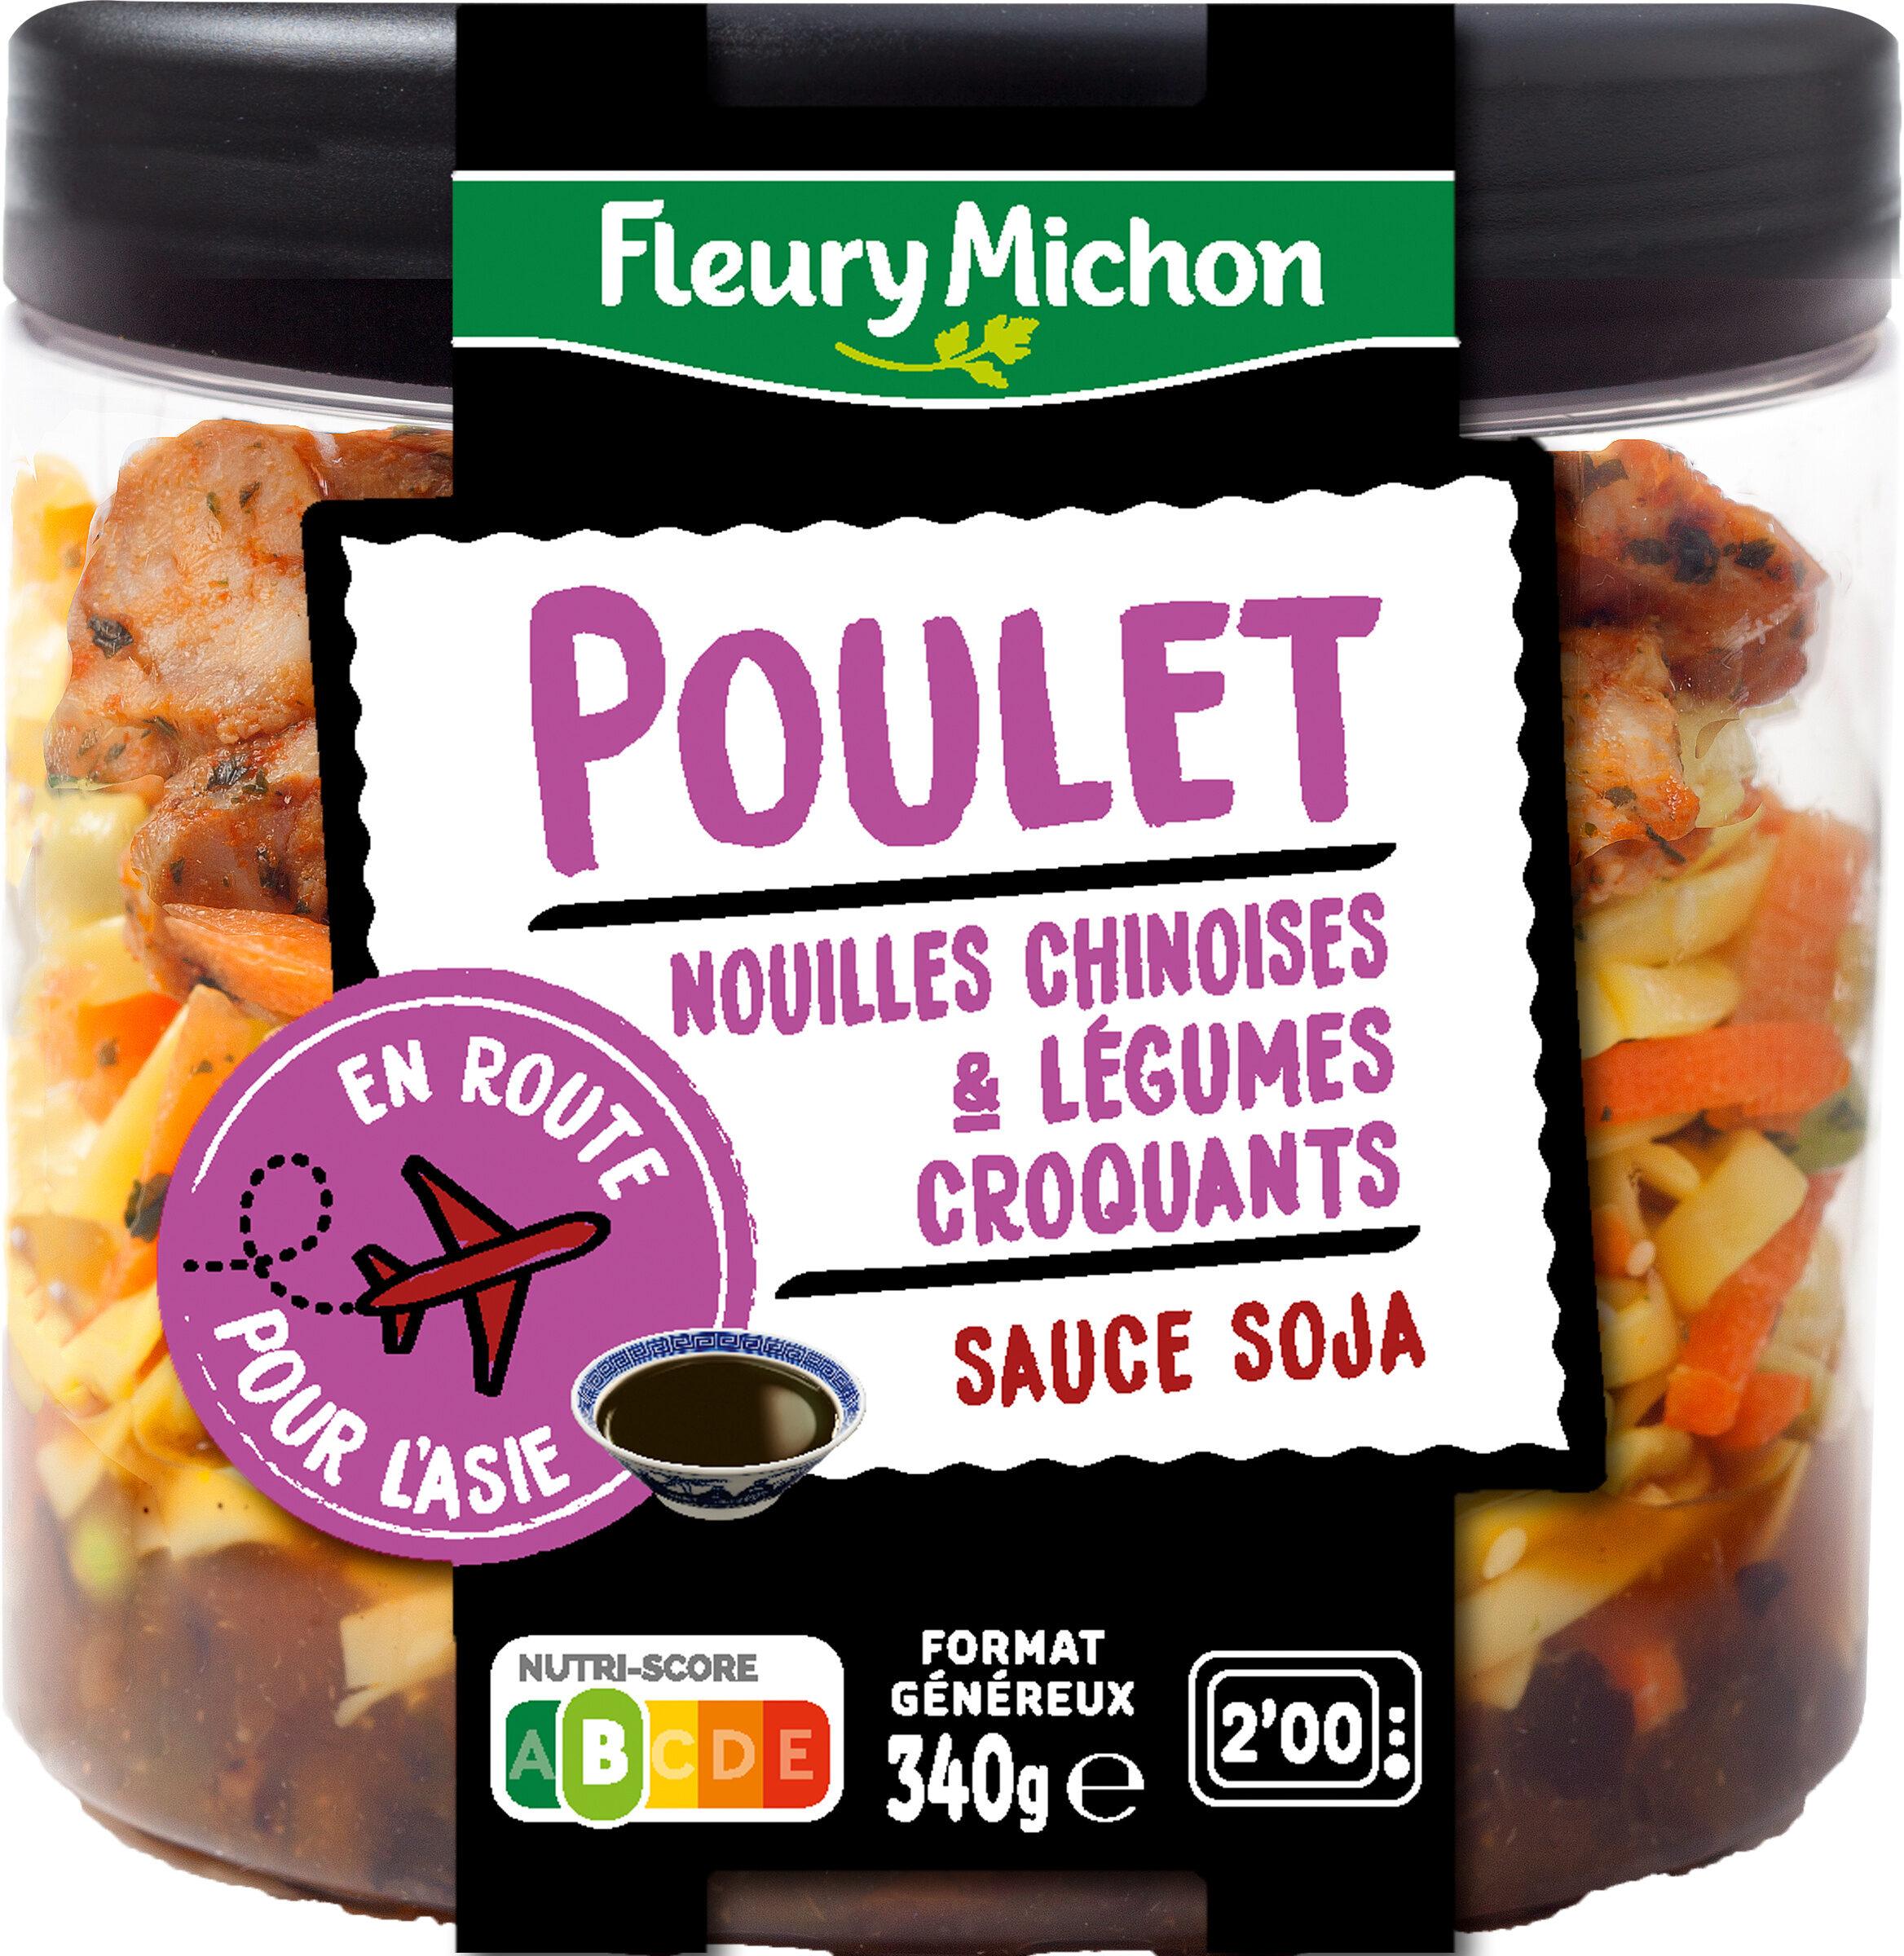 Poulet, nouilles chinoises & légumes croquants, sauce soja - Product - fr